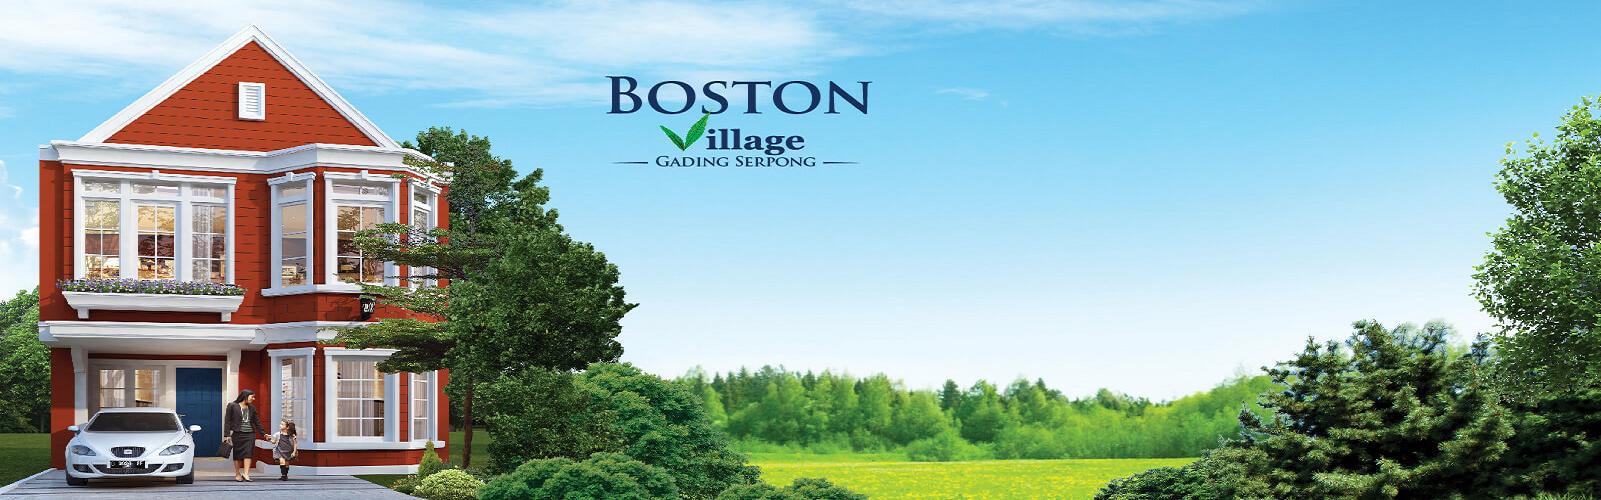 Boston Village